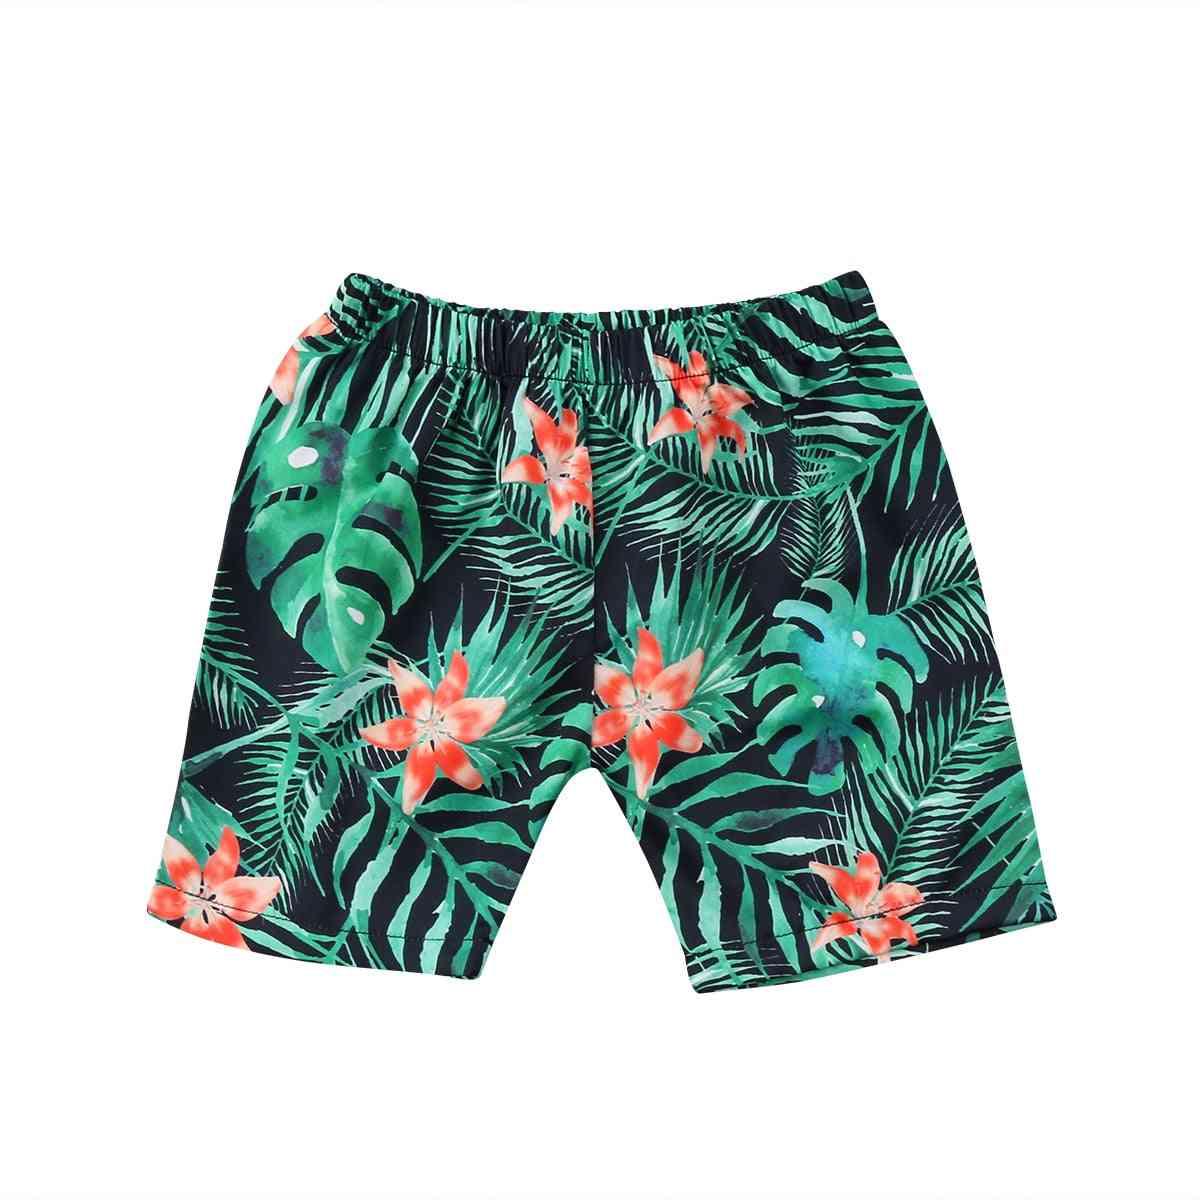 Summer Beach Shorts For Kids